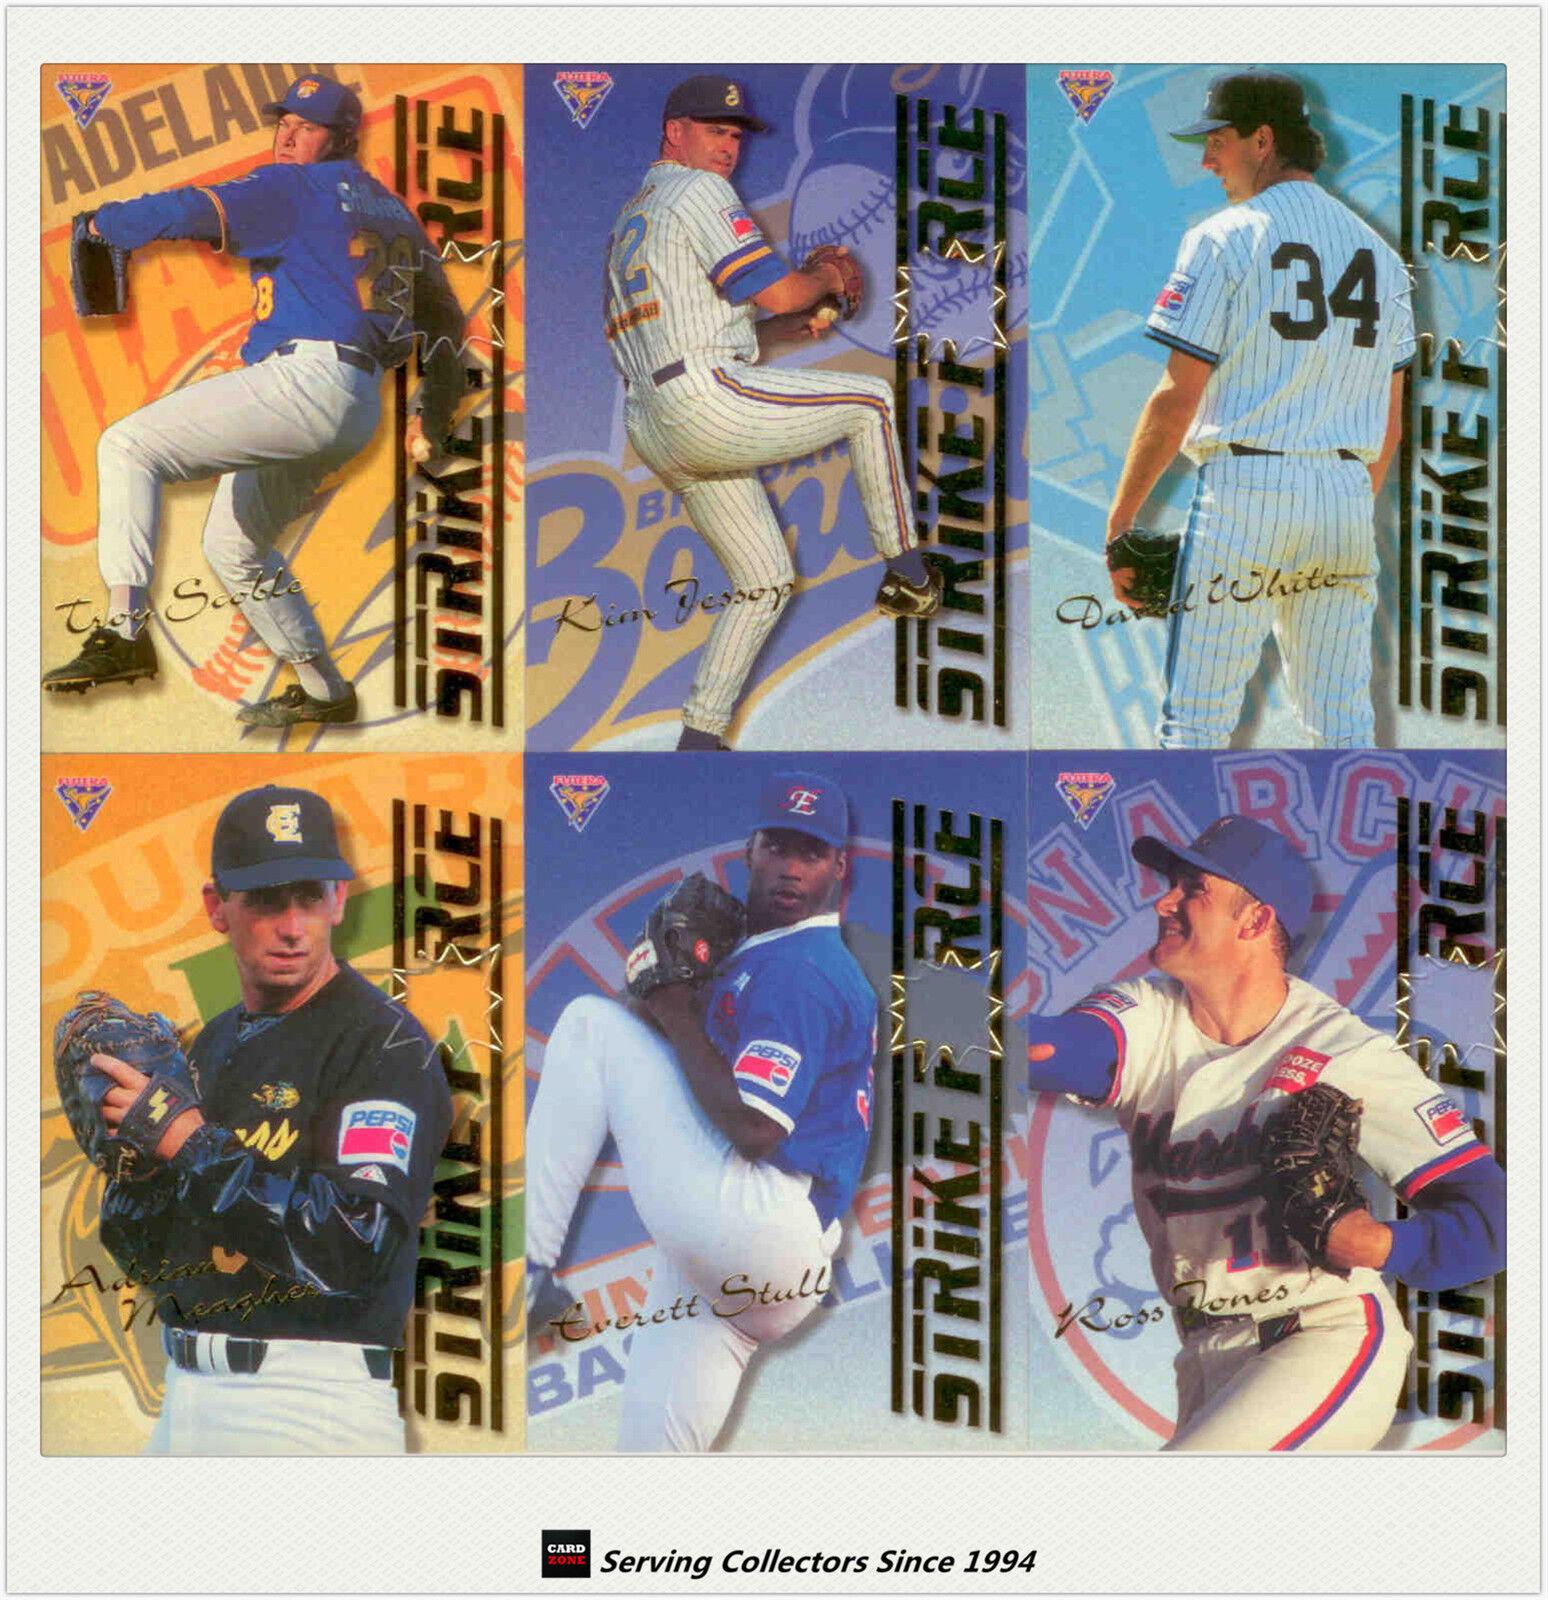 1995 Camiseta Futera ABL tarjetas Strikeforce tarjeta Chase potencia de fuego Set Completo (9) - Raro